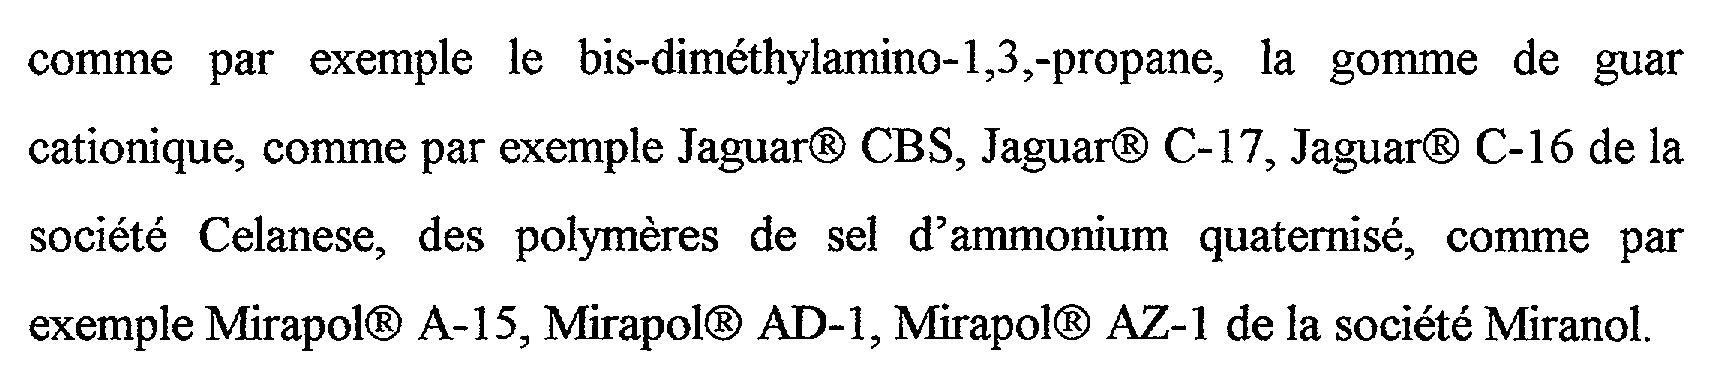 Figure img00220002